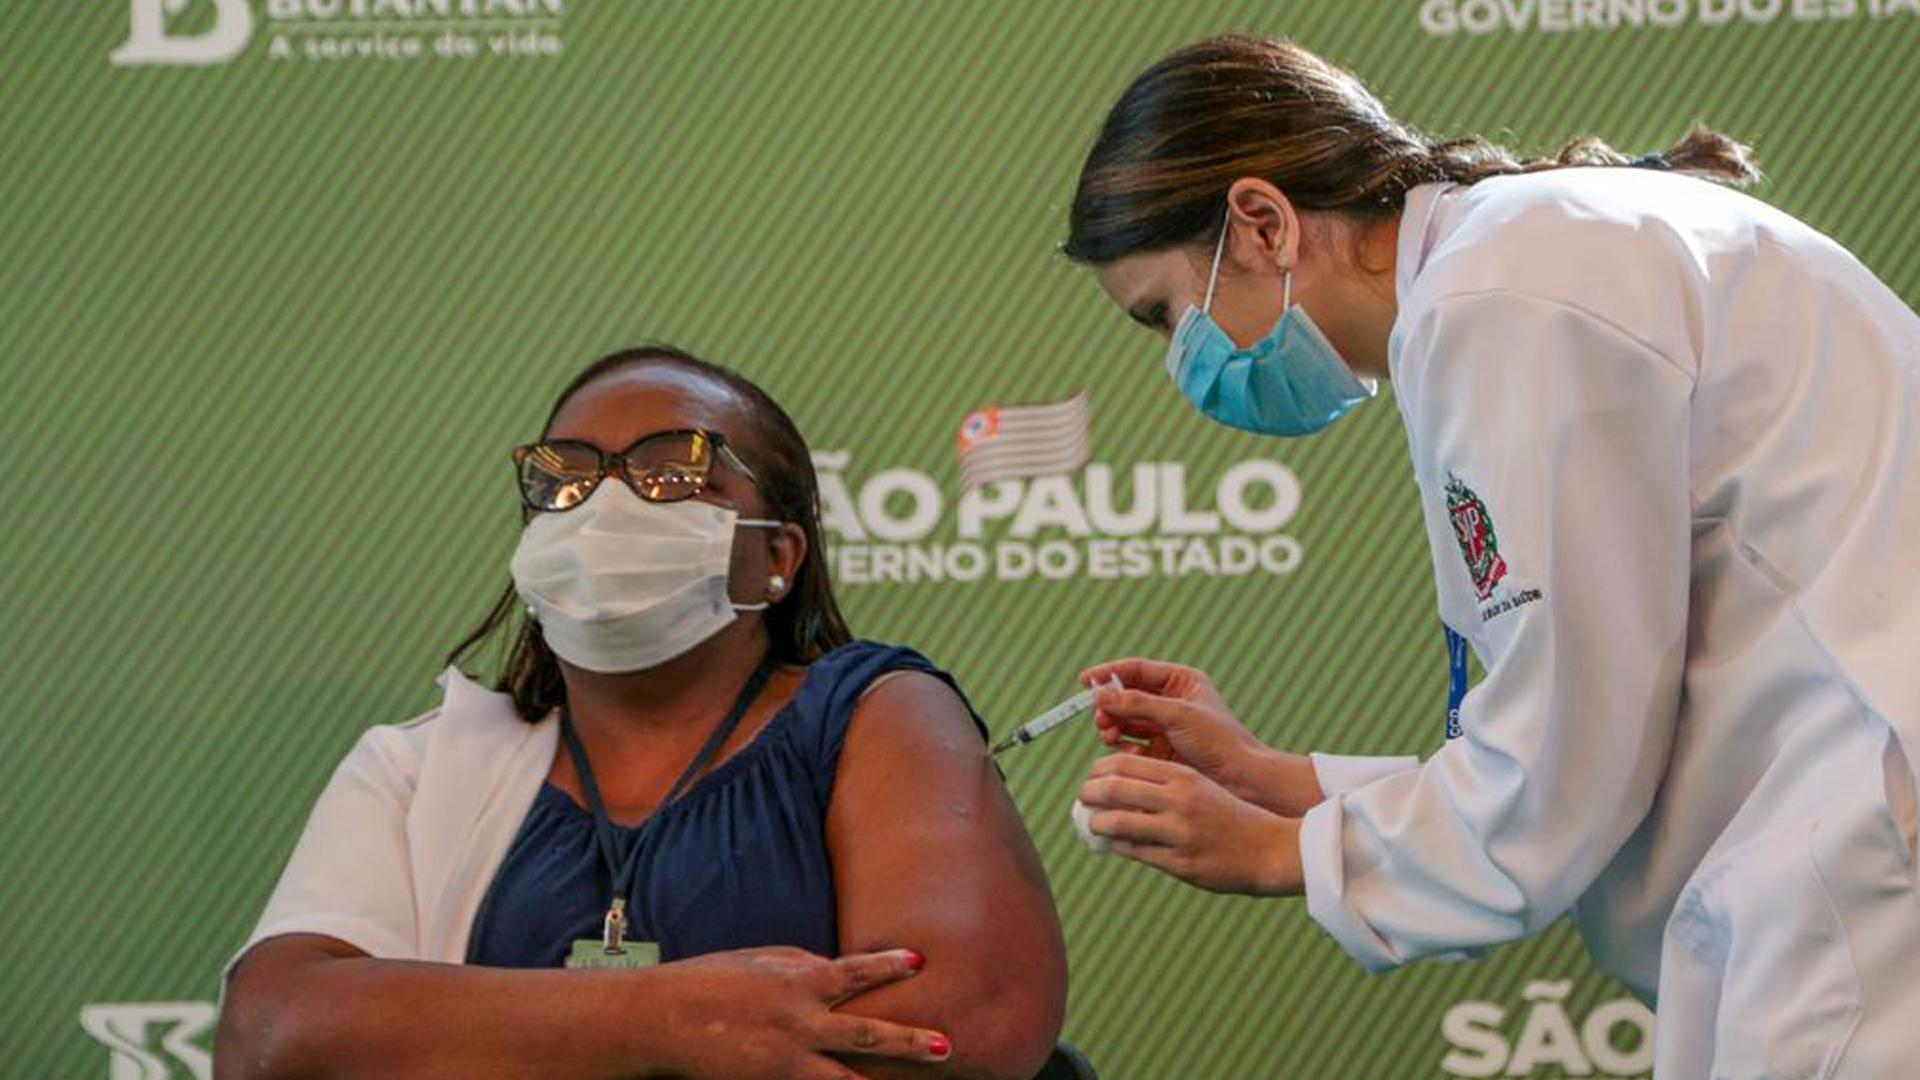 IMAGEM: Estudos preliminares indicam efetividade da Coronavac em profissionais de saúde